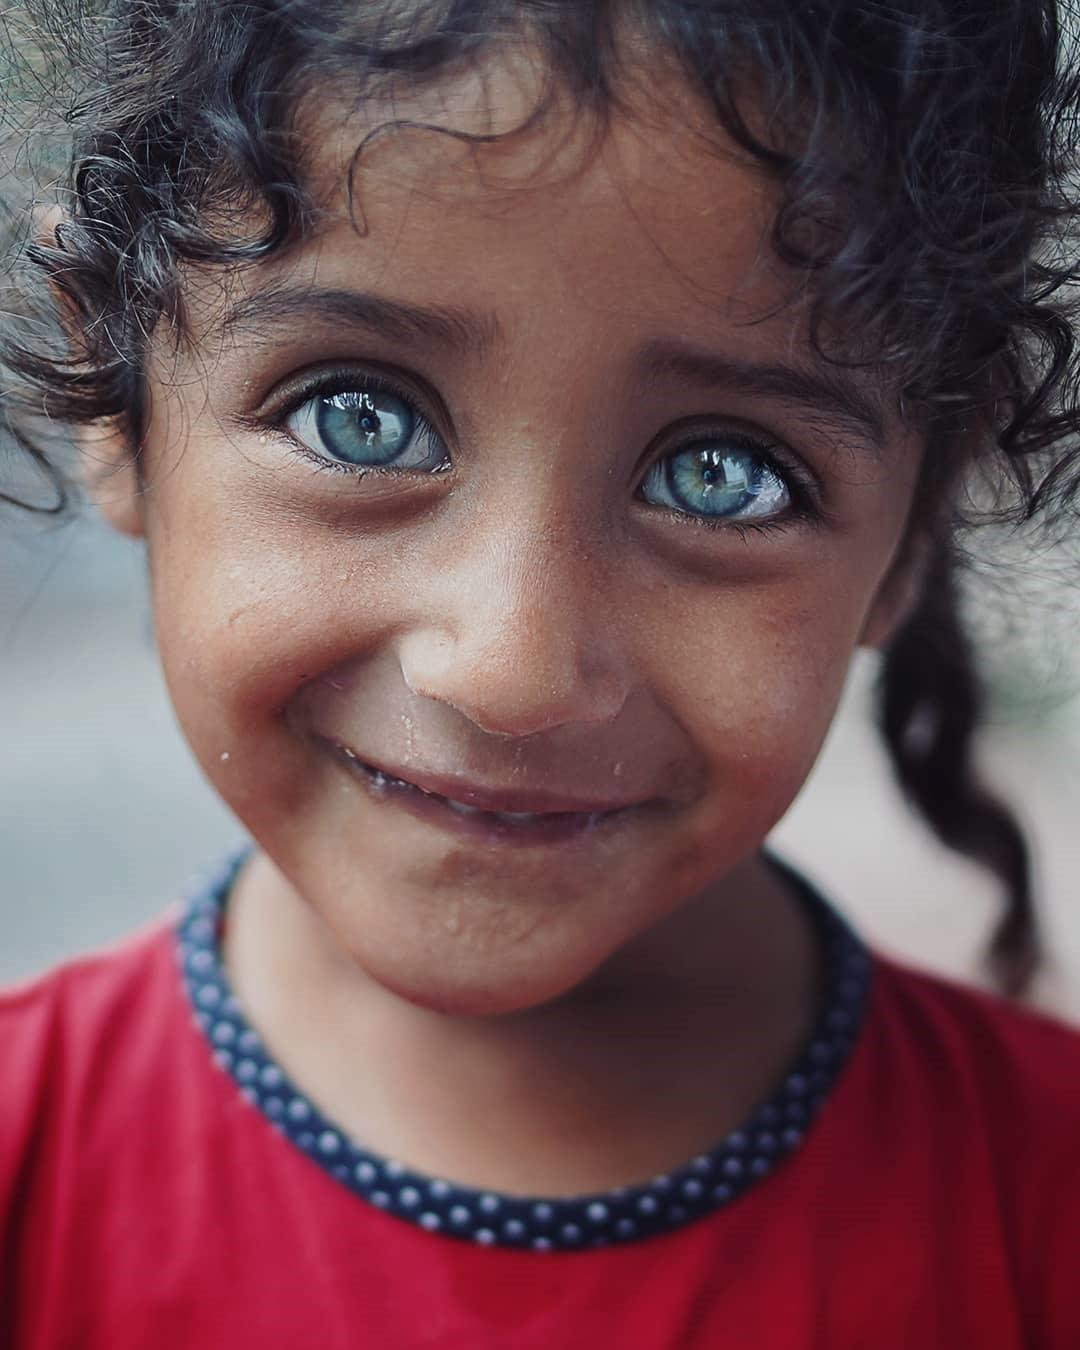 Турецкий фотограф снимает красоту детских глаз, которые сияют словно драгоценные камни